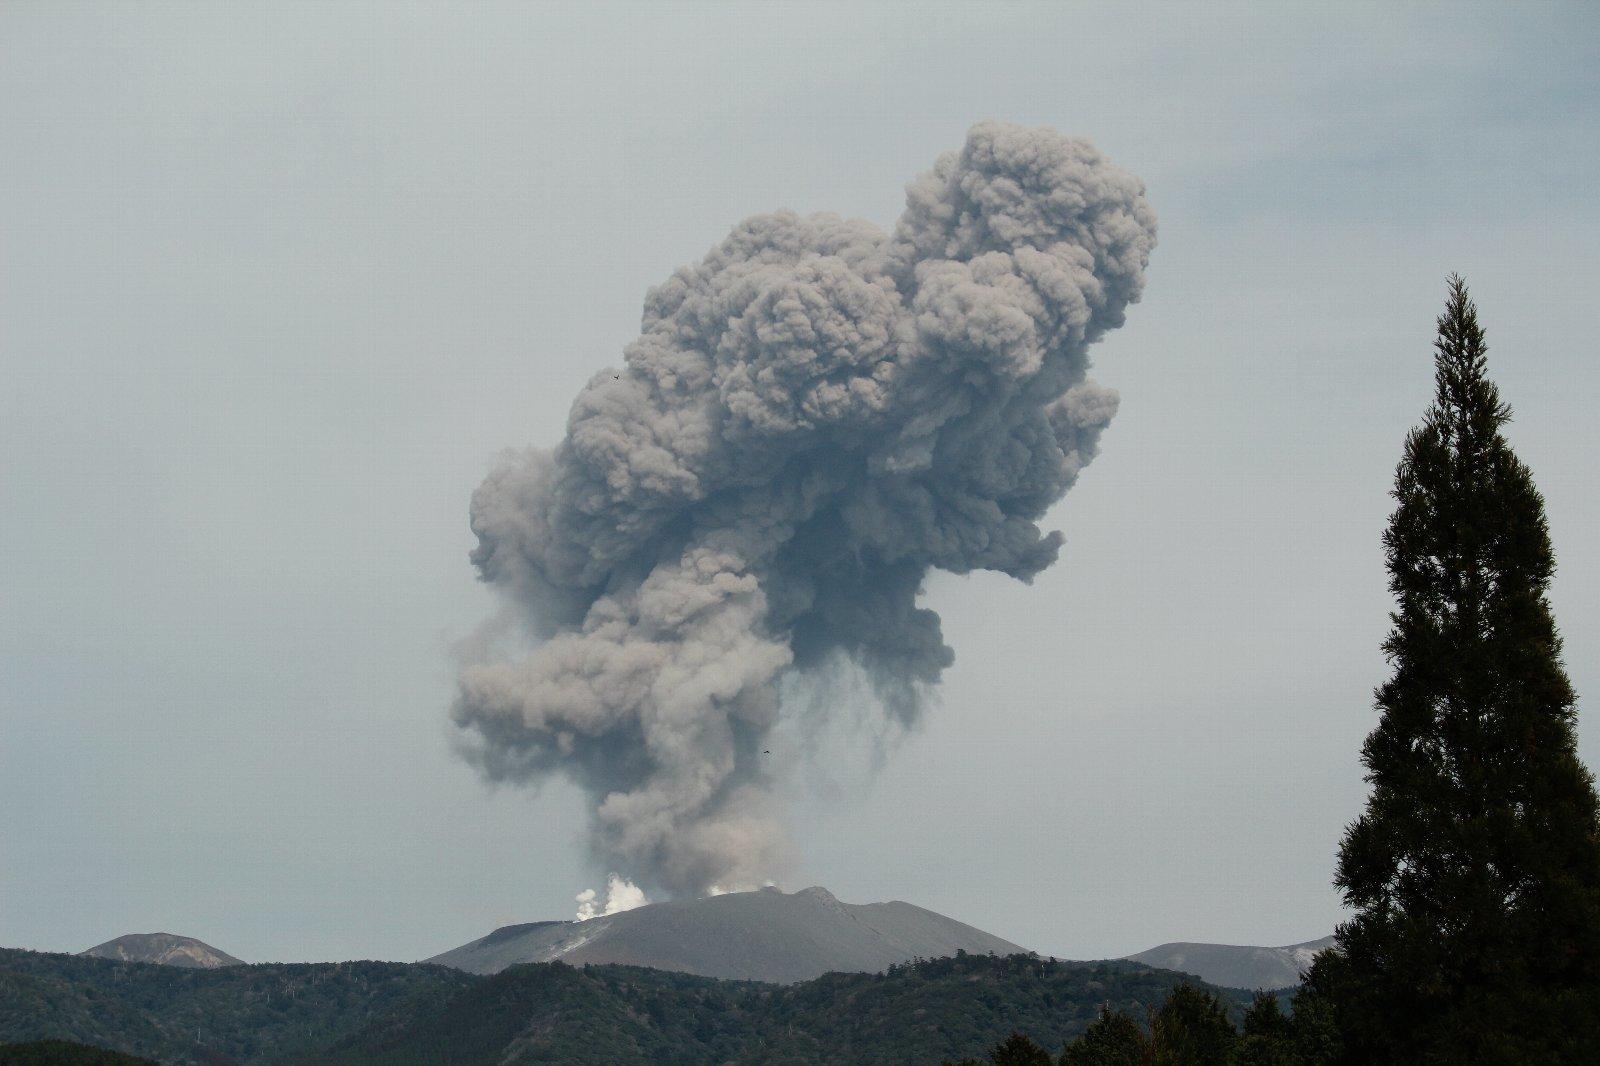 3月12日の太陽 新燃岳の噴火!_e0174091_15252230.jpg